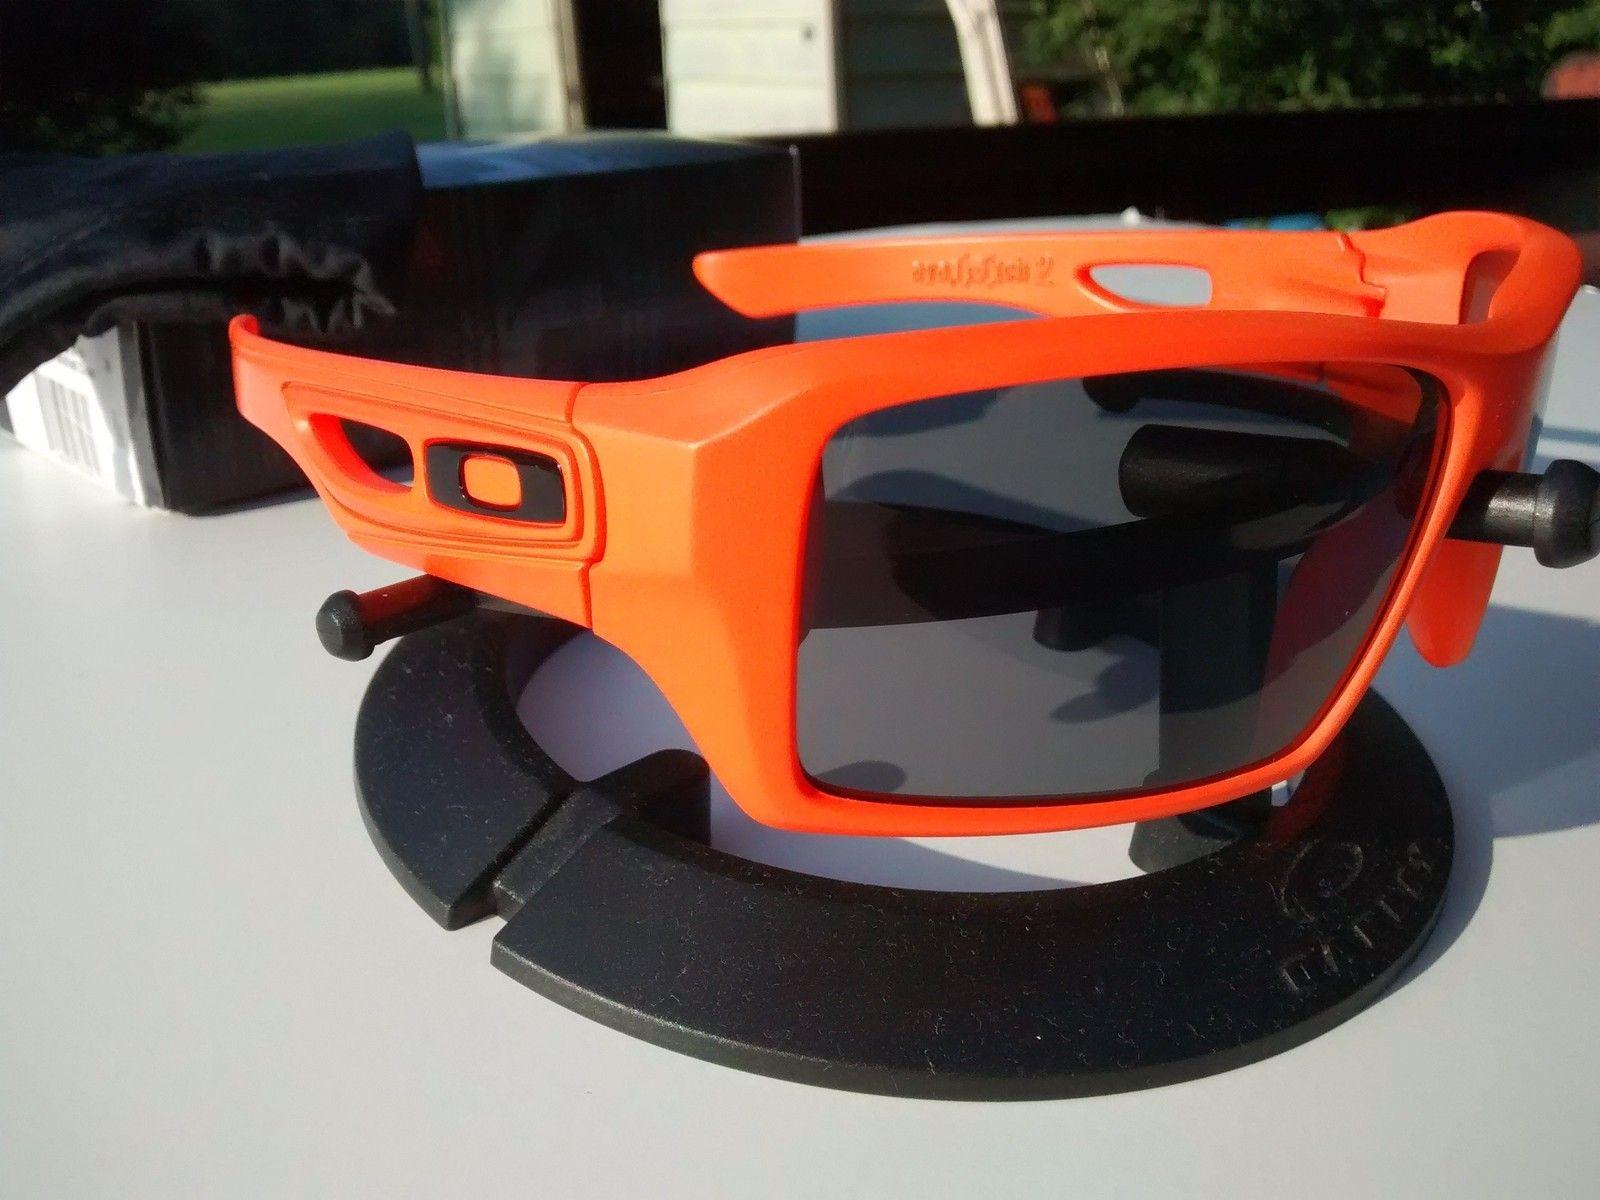 Safety Orange Cerakote Eyepatch 2 - bVNlUcK.jpg